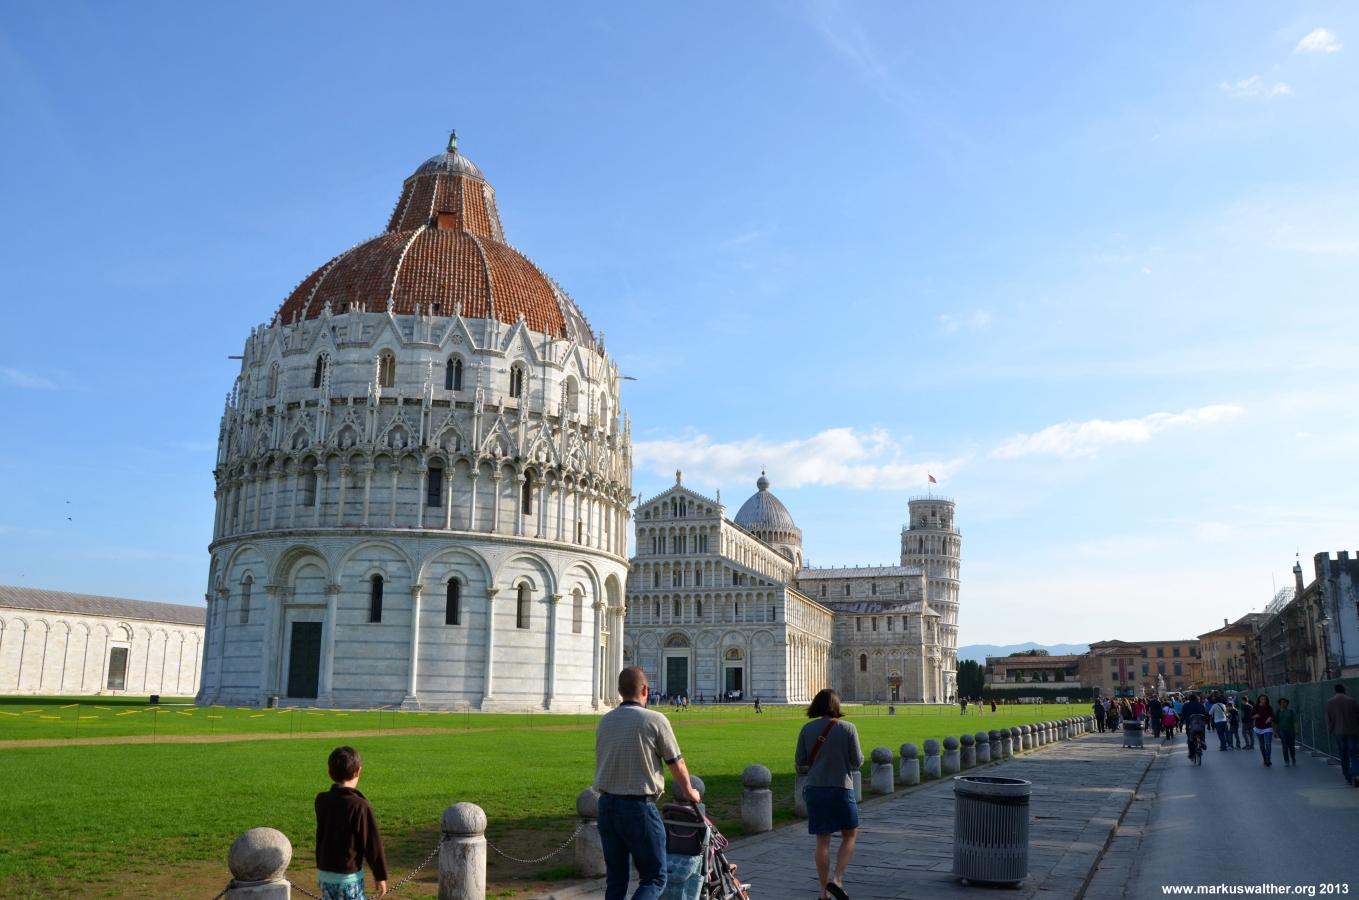 Dom zu Pisa mit Schiefem Turm